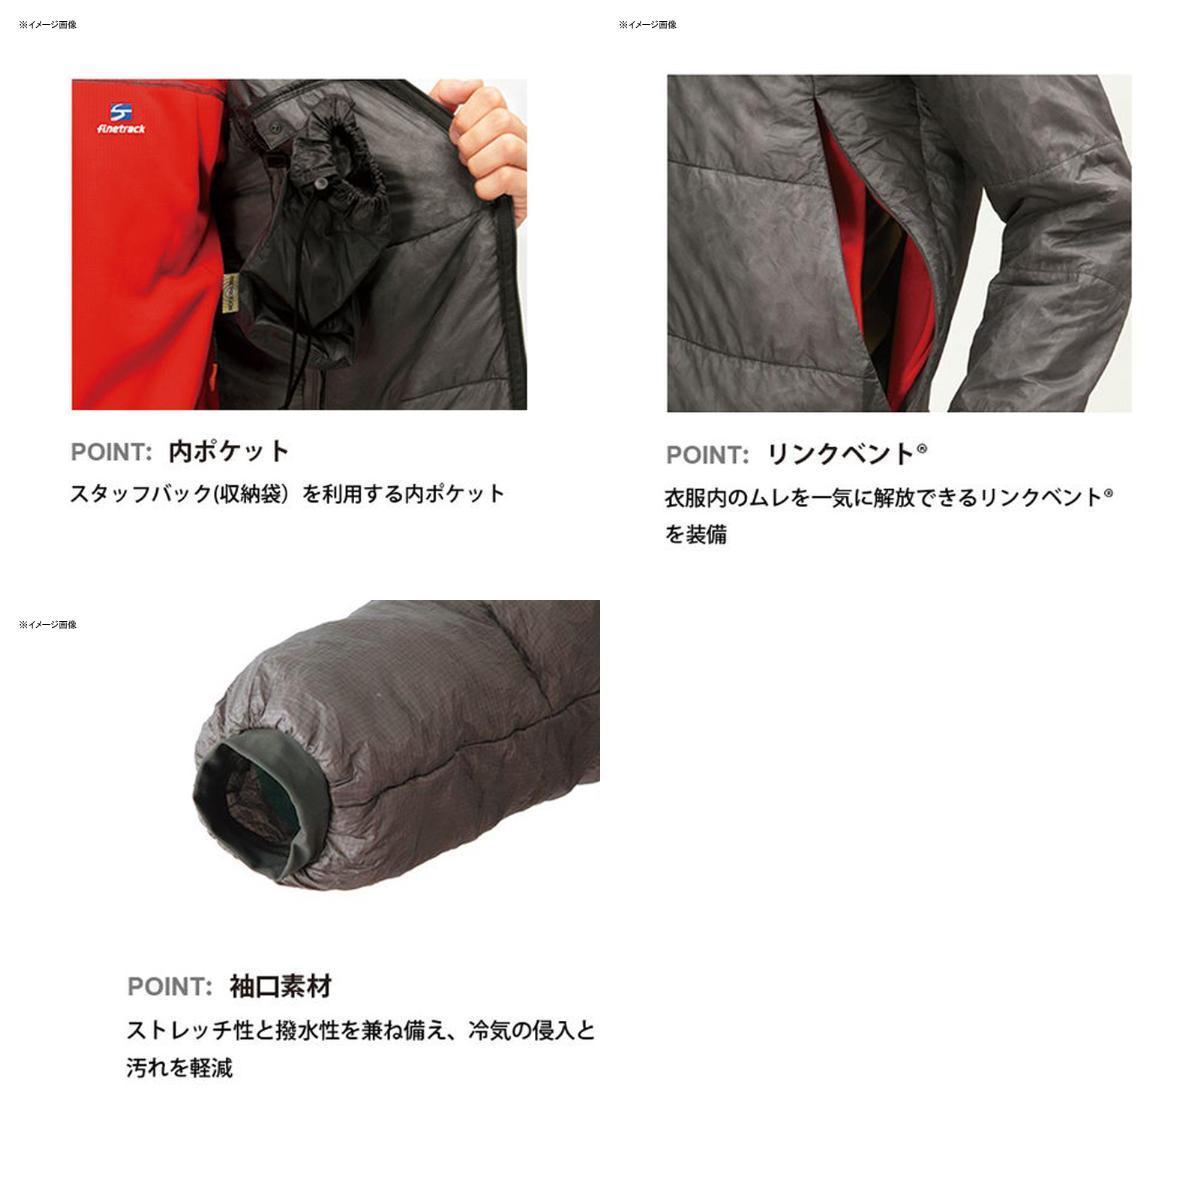 ファイントラック(finetrack) ポリゴン2UL ジャケット Men's S CR(クリムゾンレッド) FIM0213